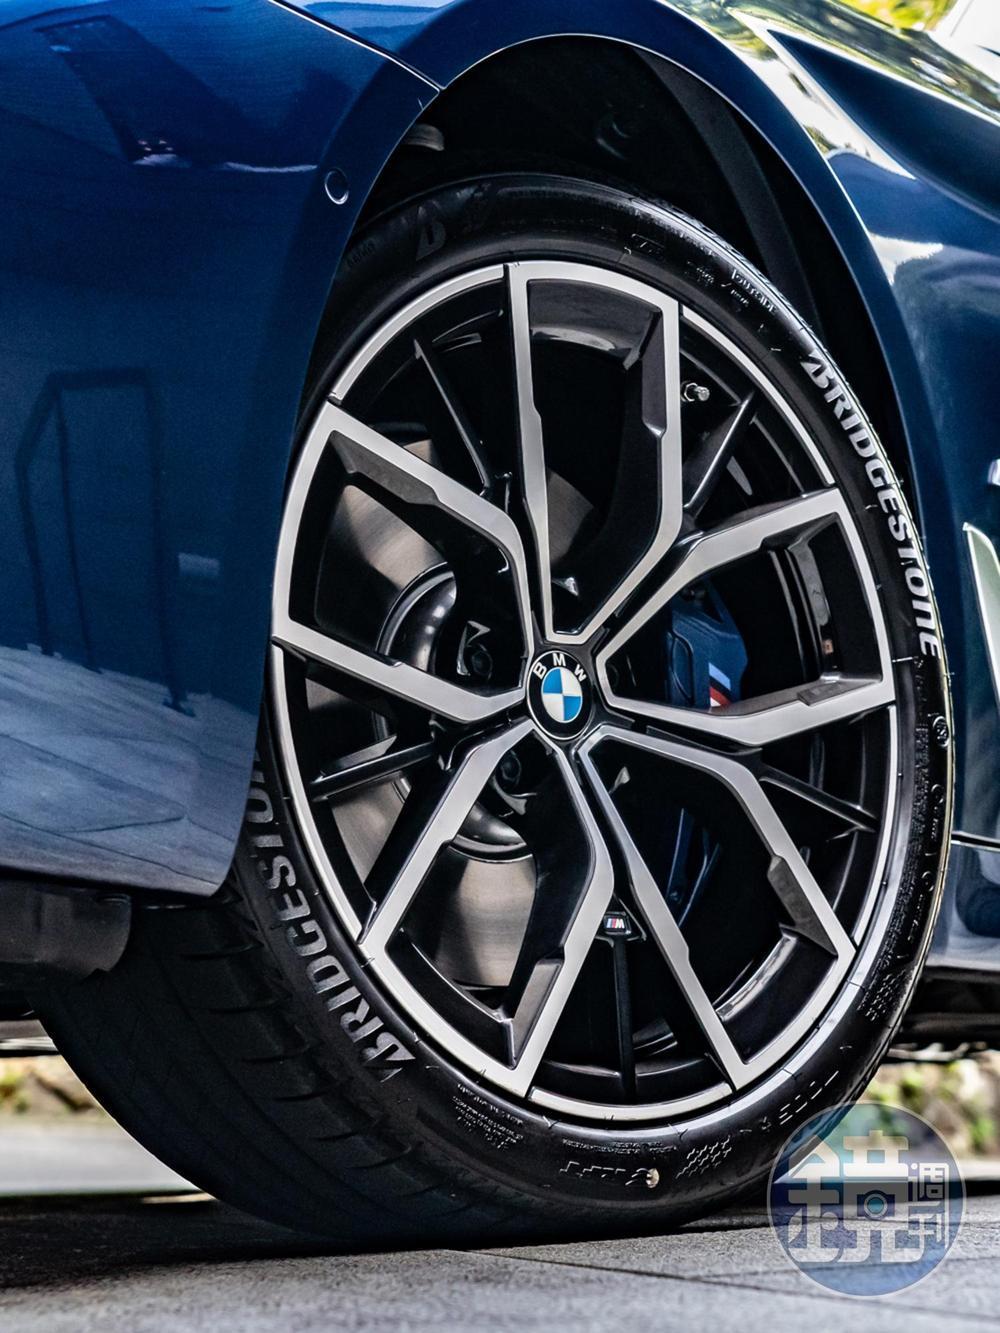 首發版標配19吋M款鋁圈,請注意藍色的M煞車卡鉗。